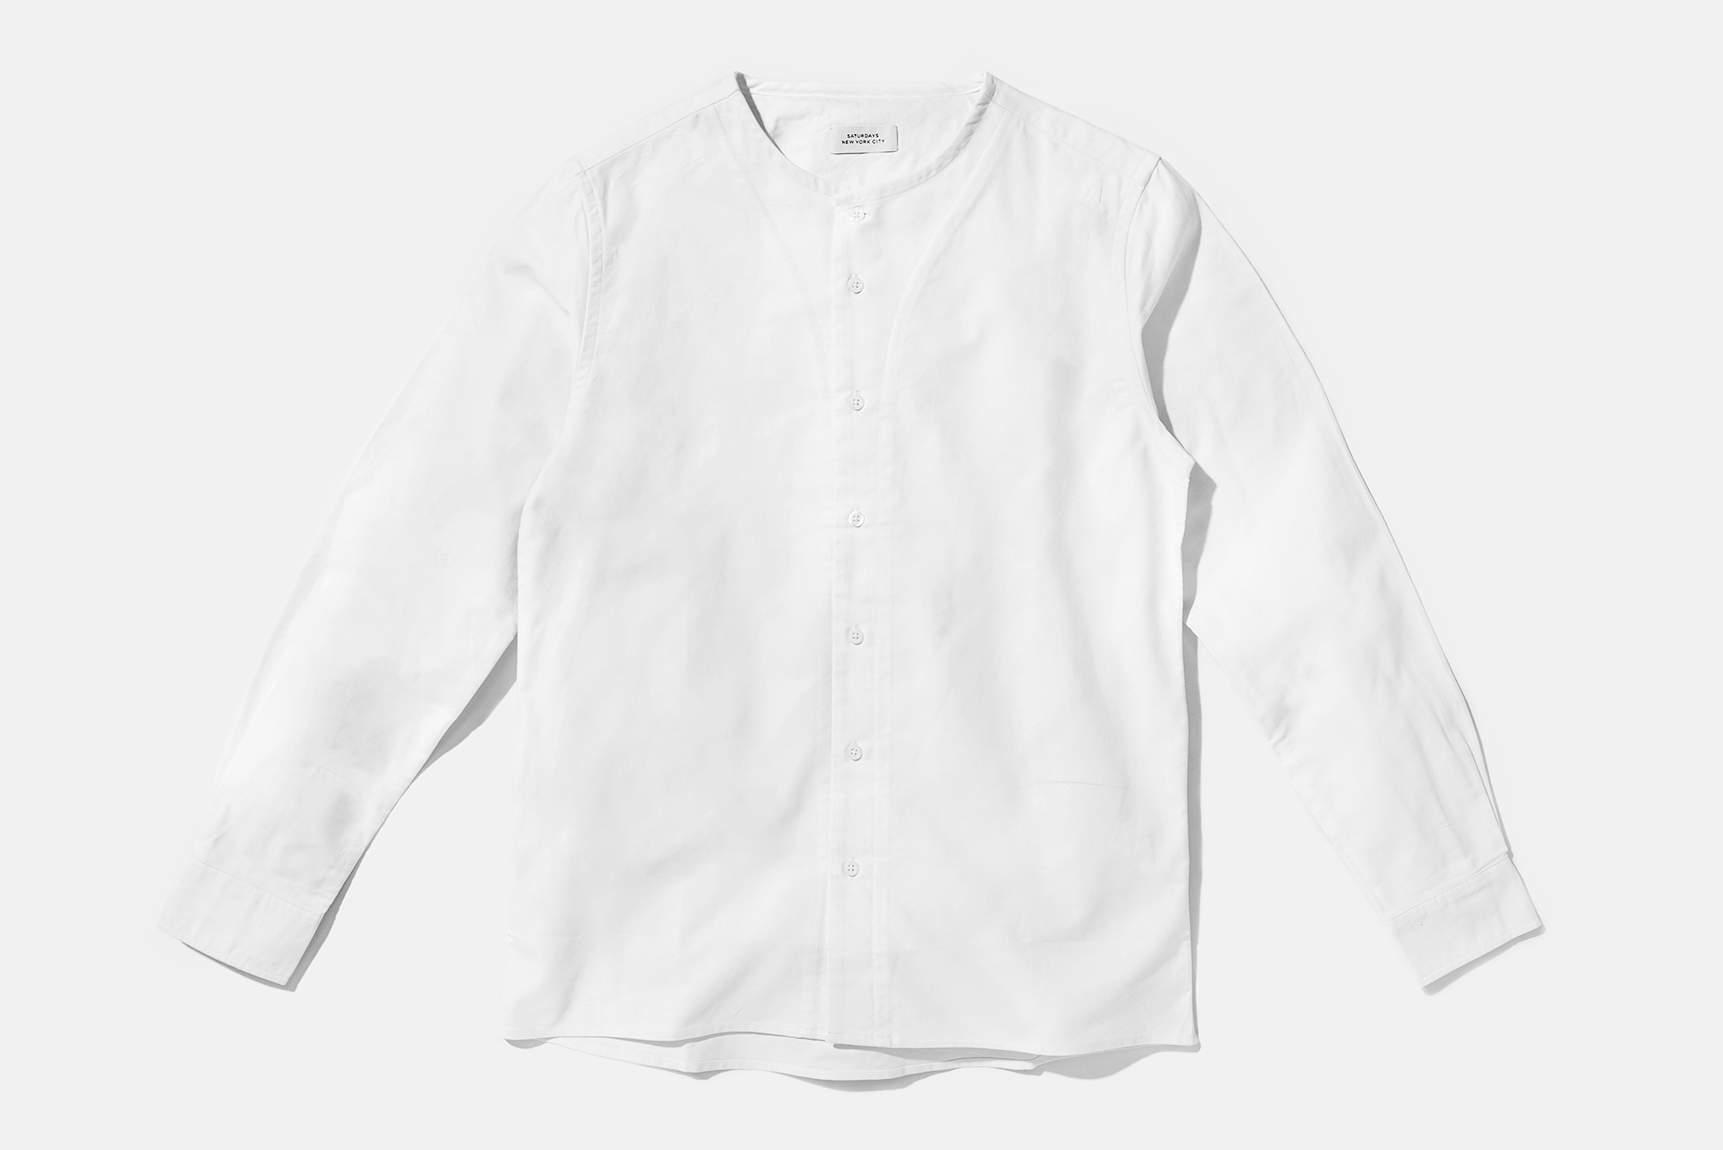 Saturdays nyc pontus collarless shirt in white for men lyst for Collarless white shirt slim fit